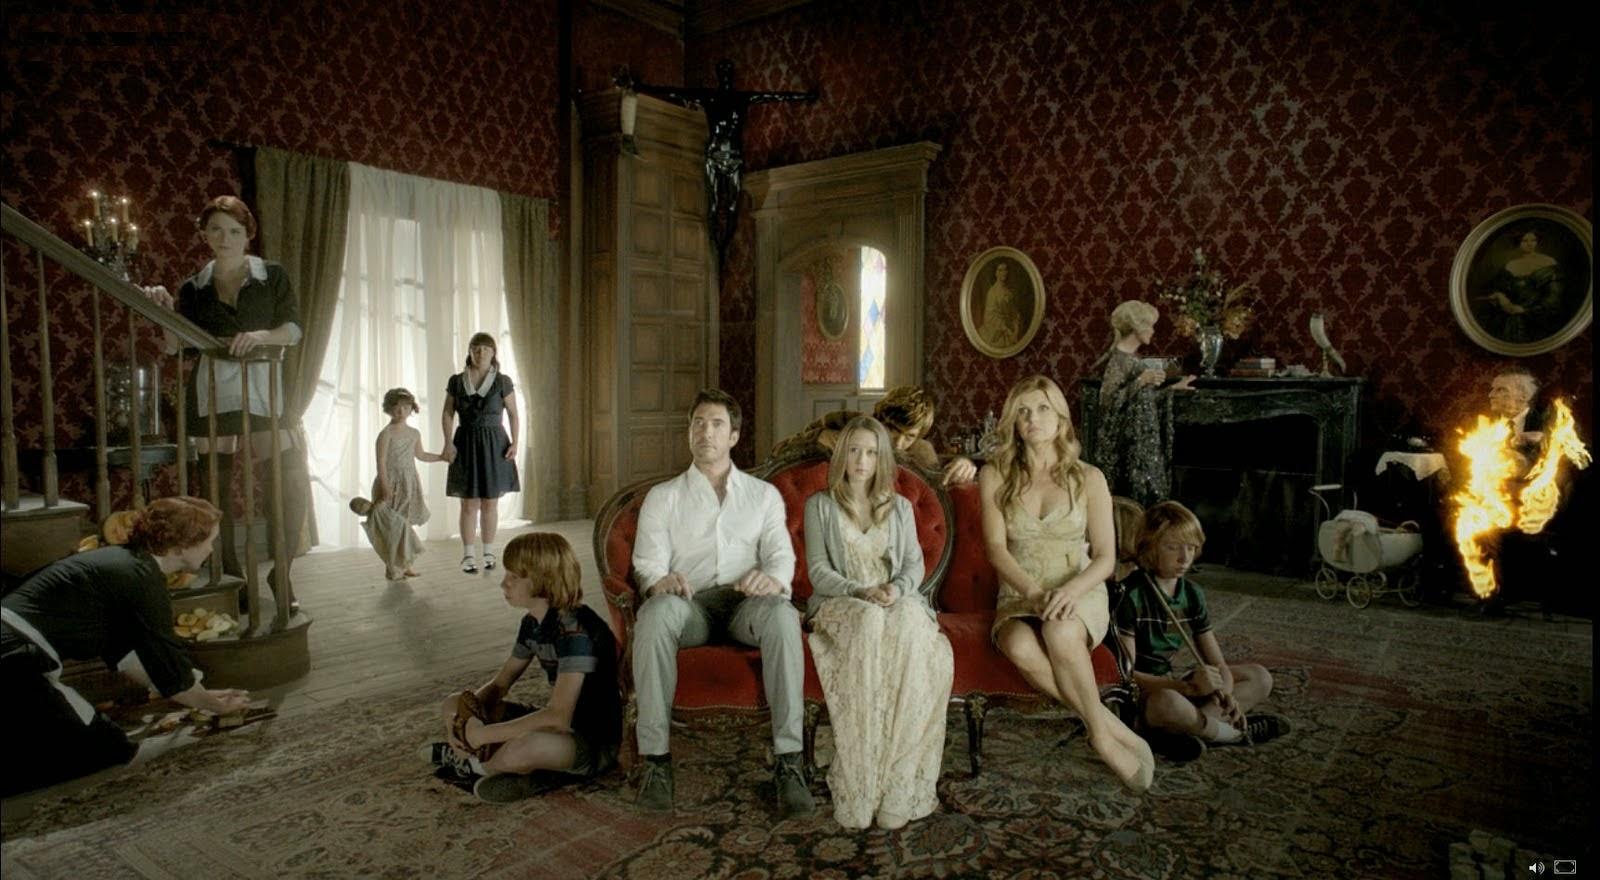 歐美影集(電視劇): American Horror Story 美國恐怖故事